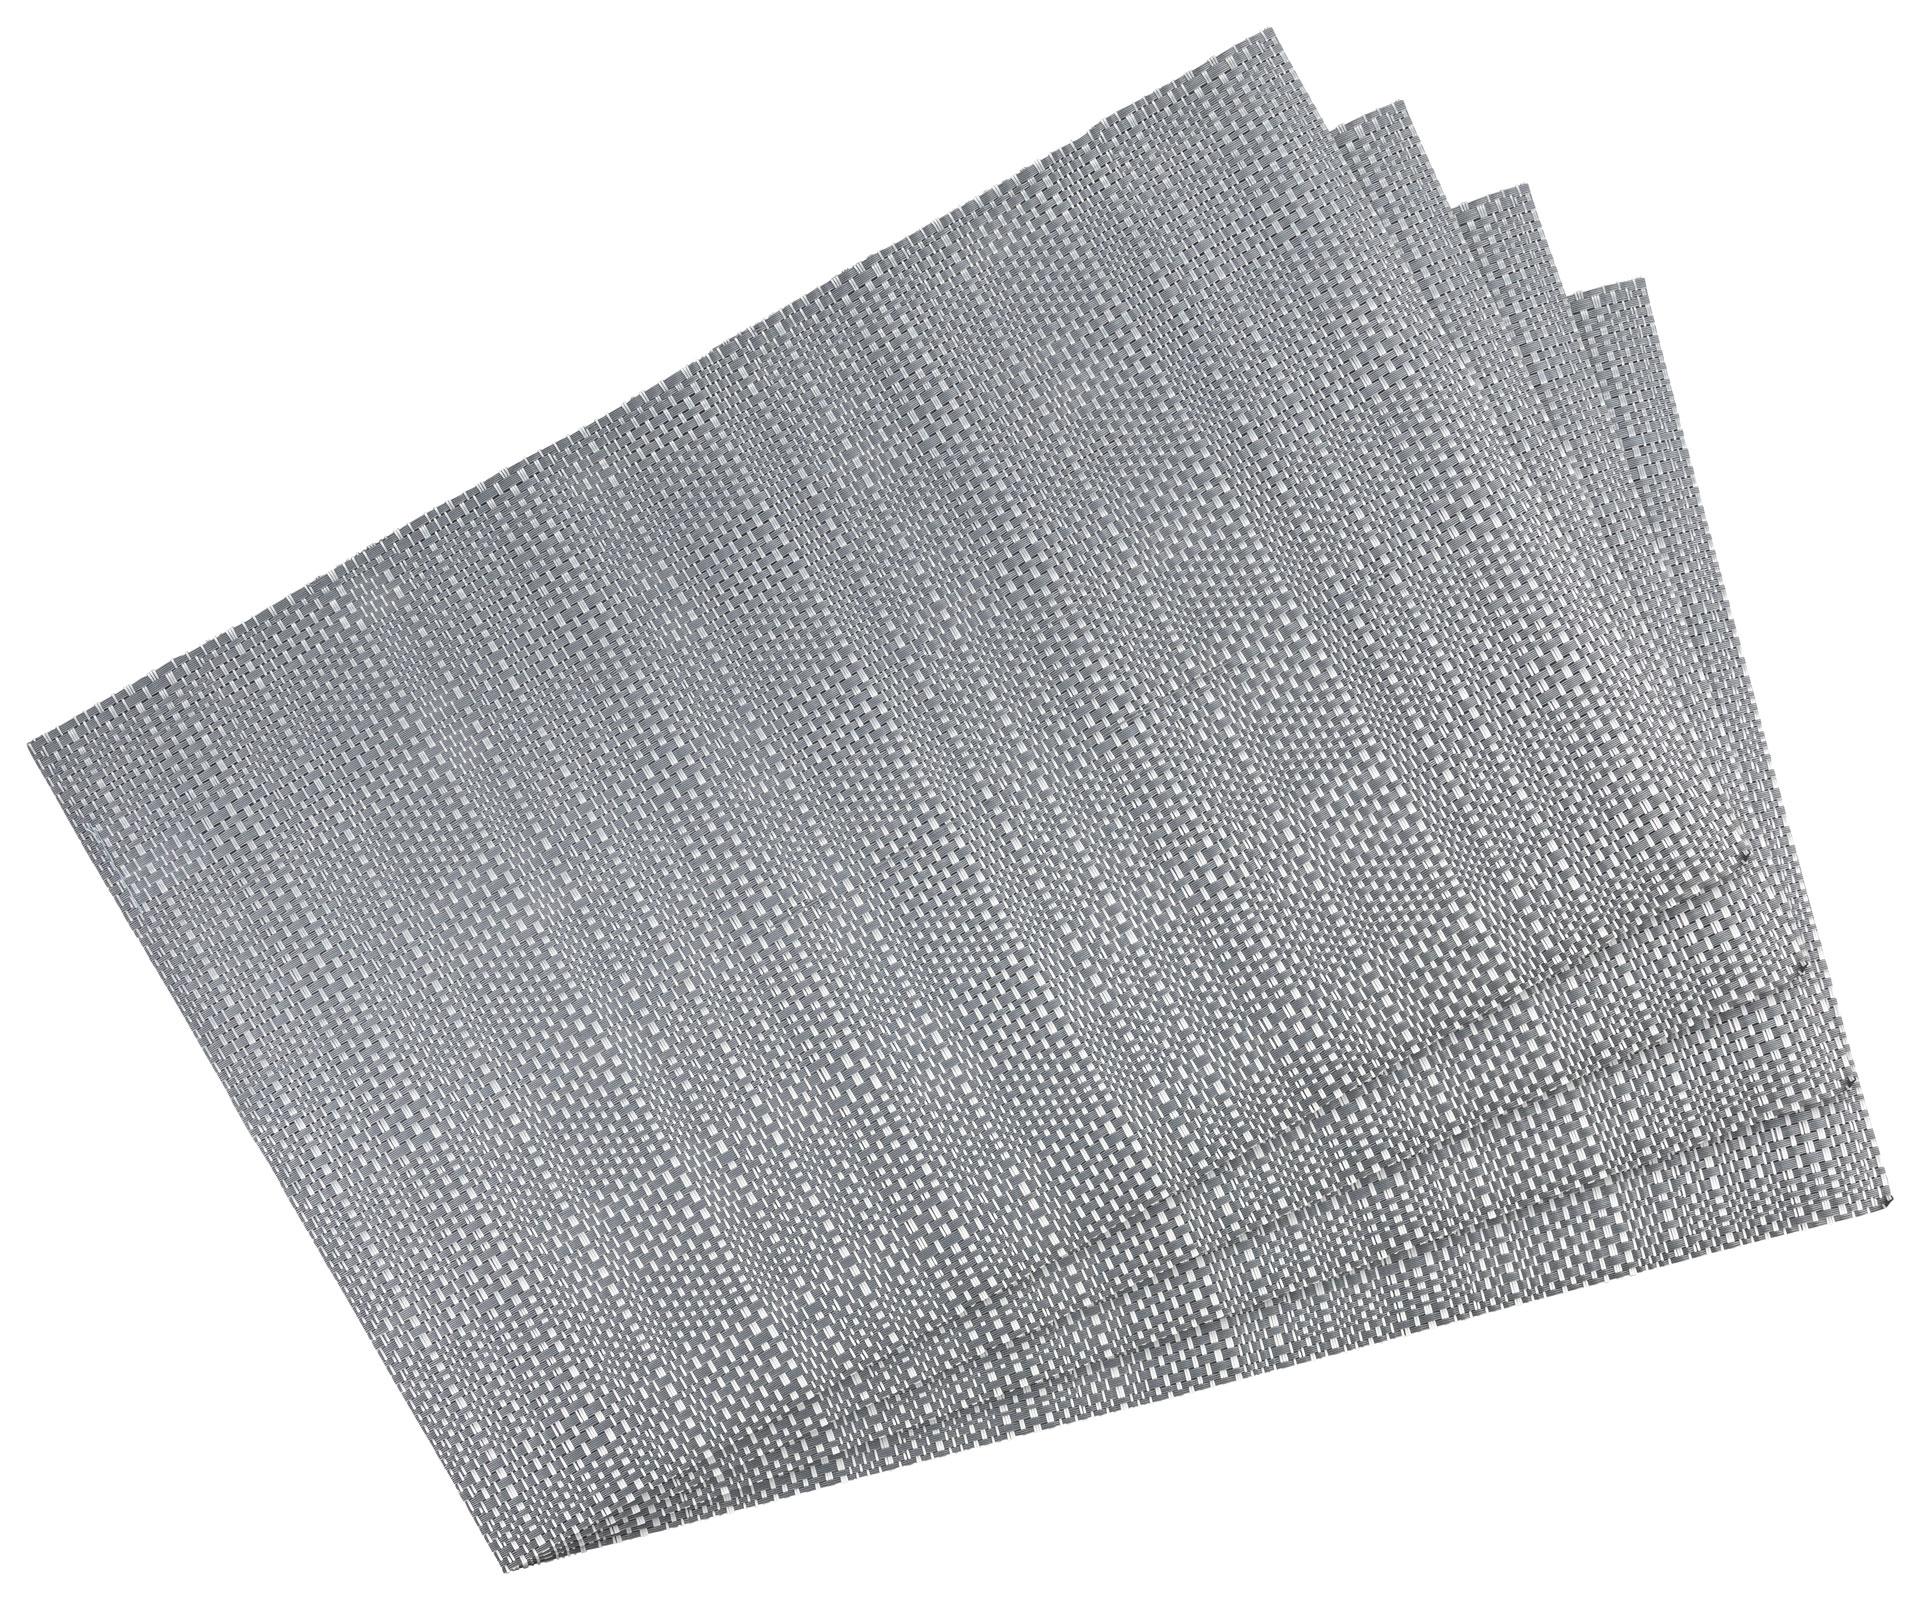 Küchentextilien - 4er Pack Platzset Tischset 30x45cm waschbar und hitzebeständig Struktur grau  - Onlineshop PremiumShop321